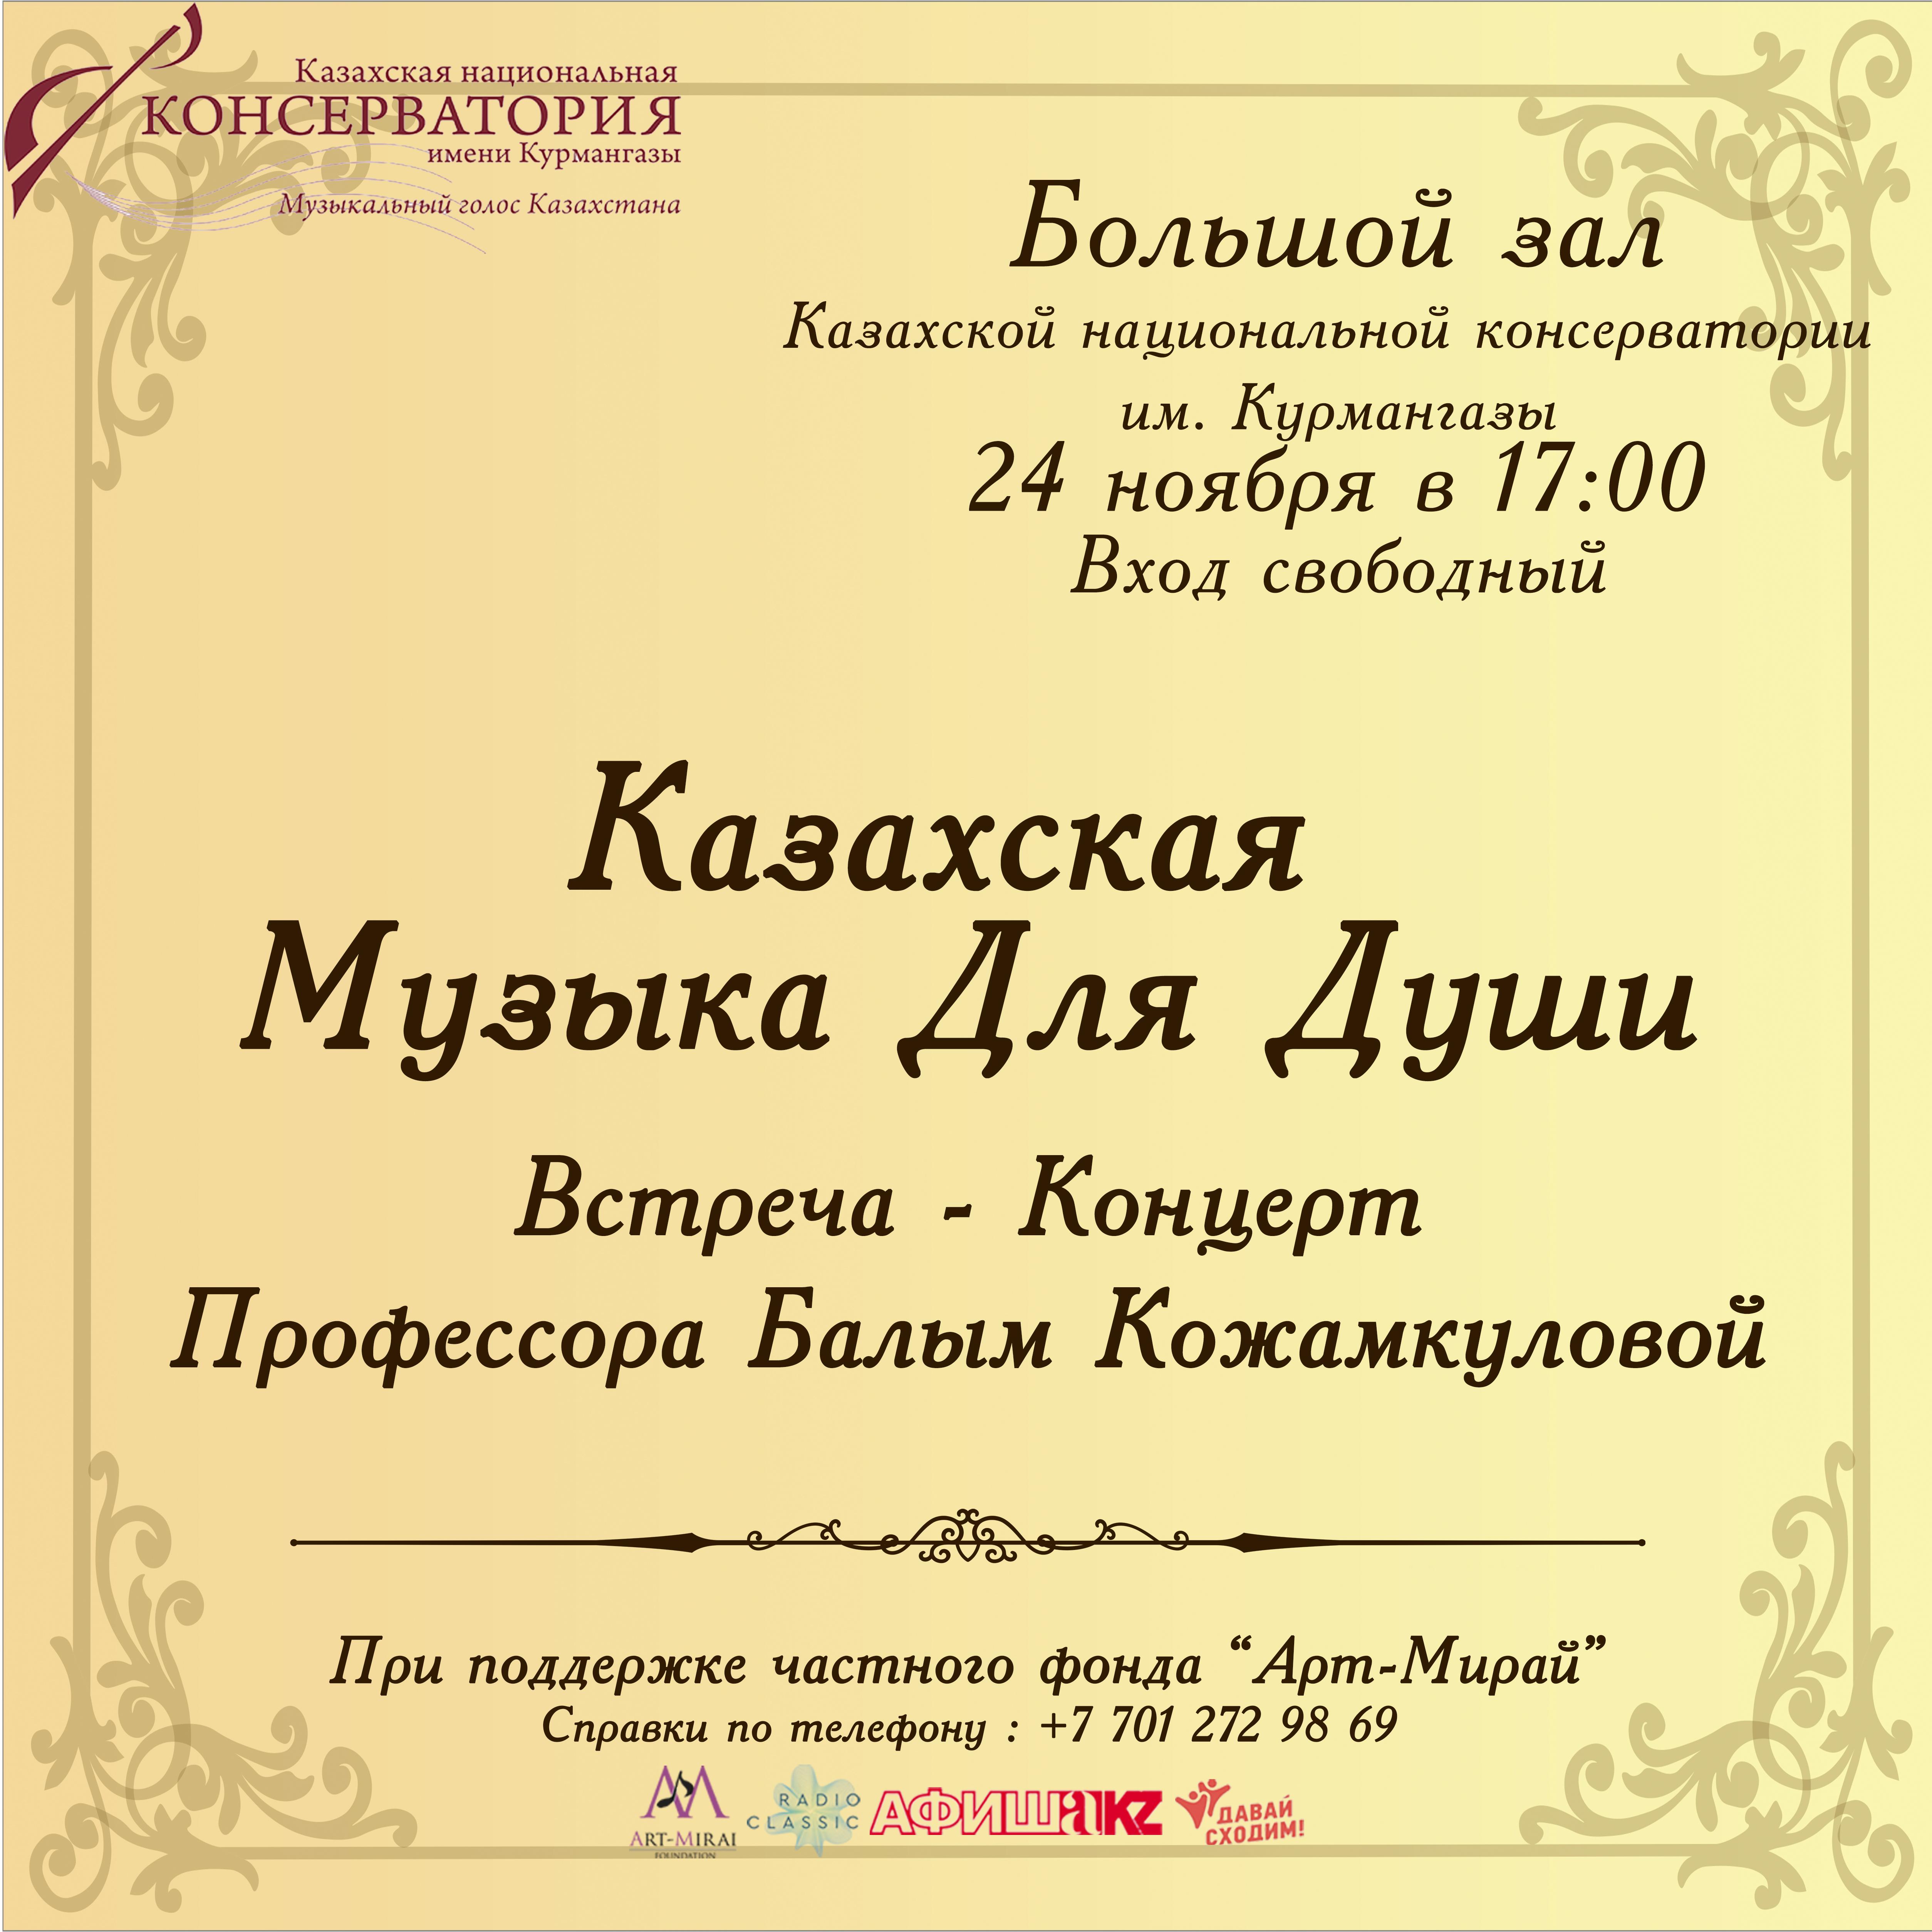 Казахская музыка для души